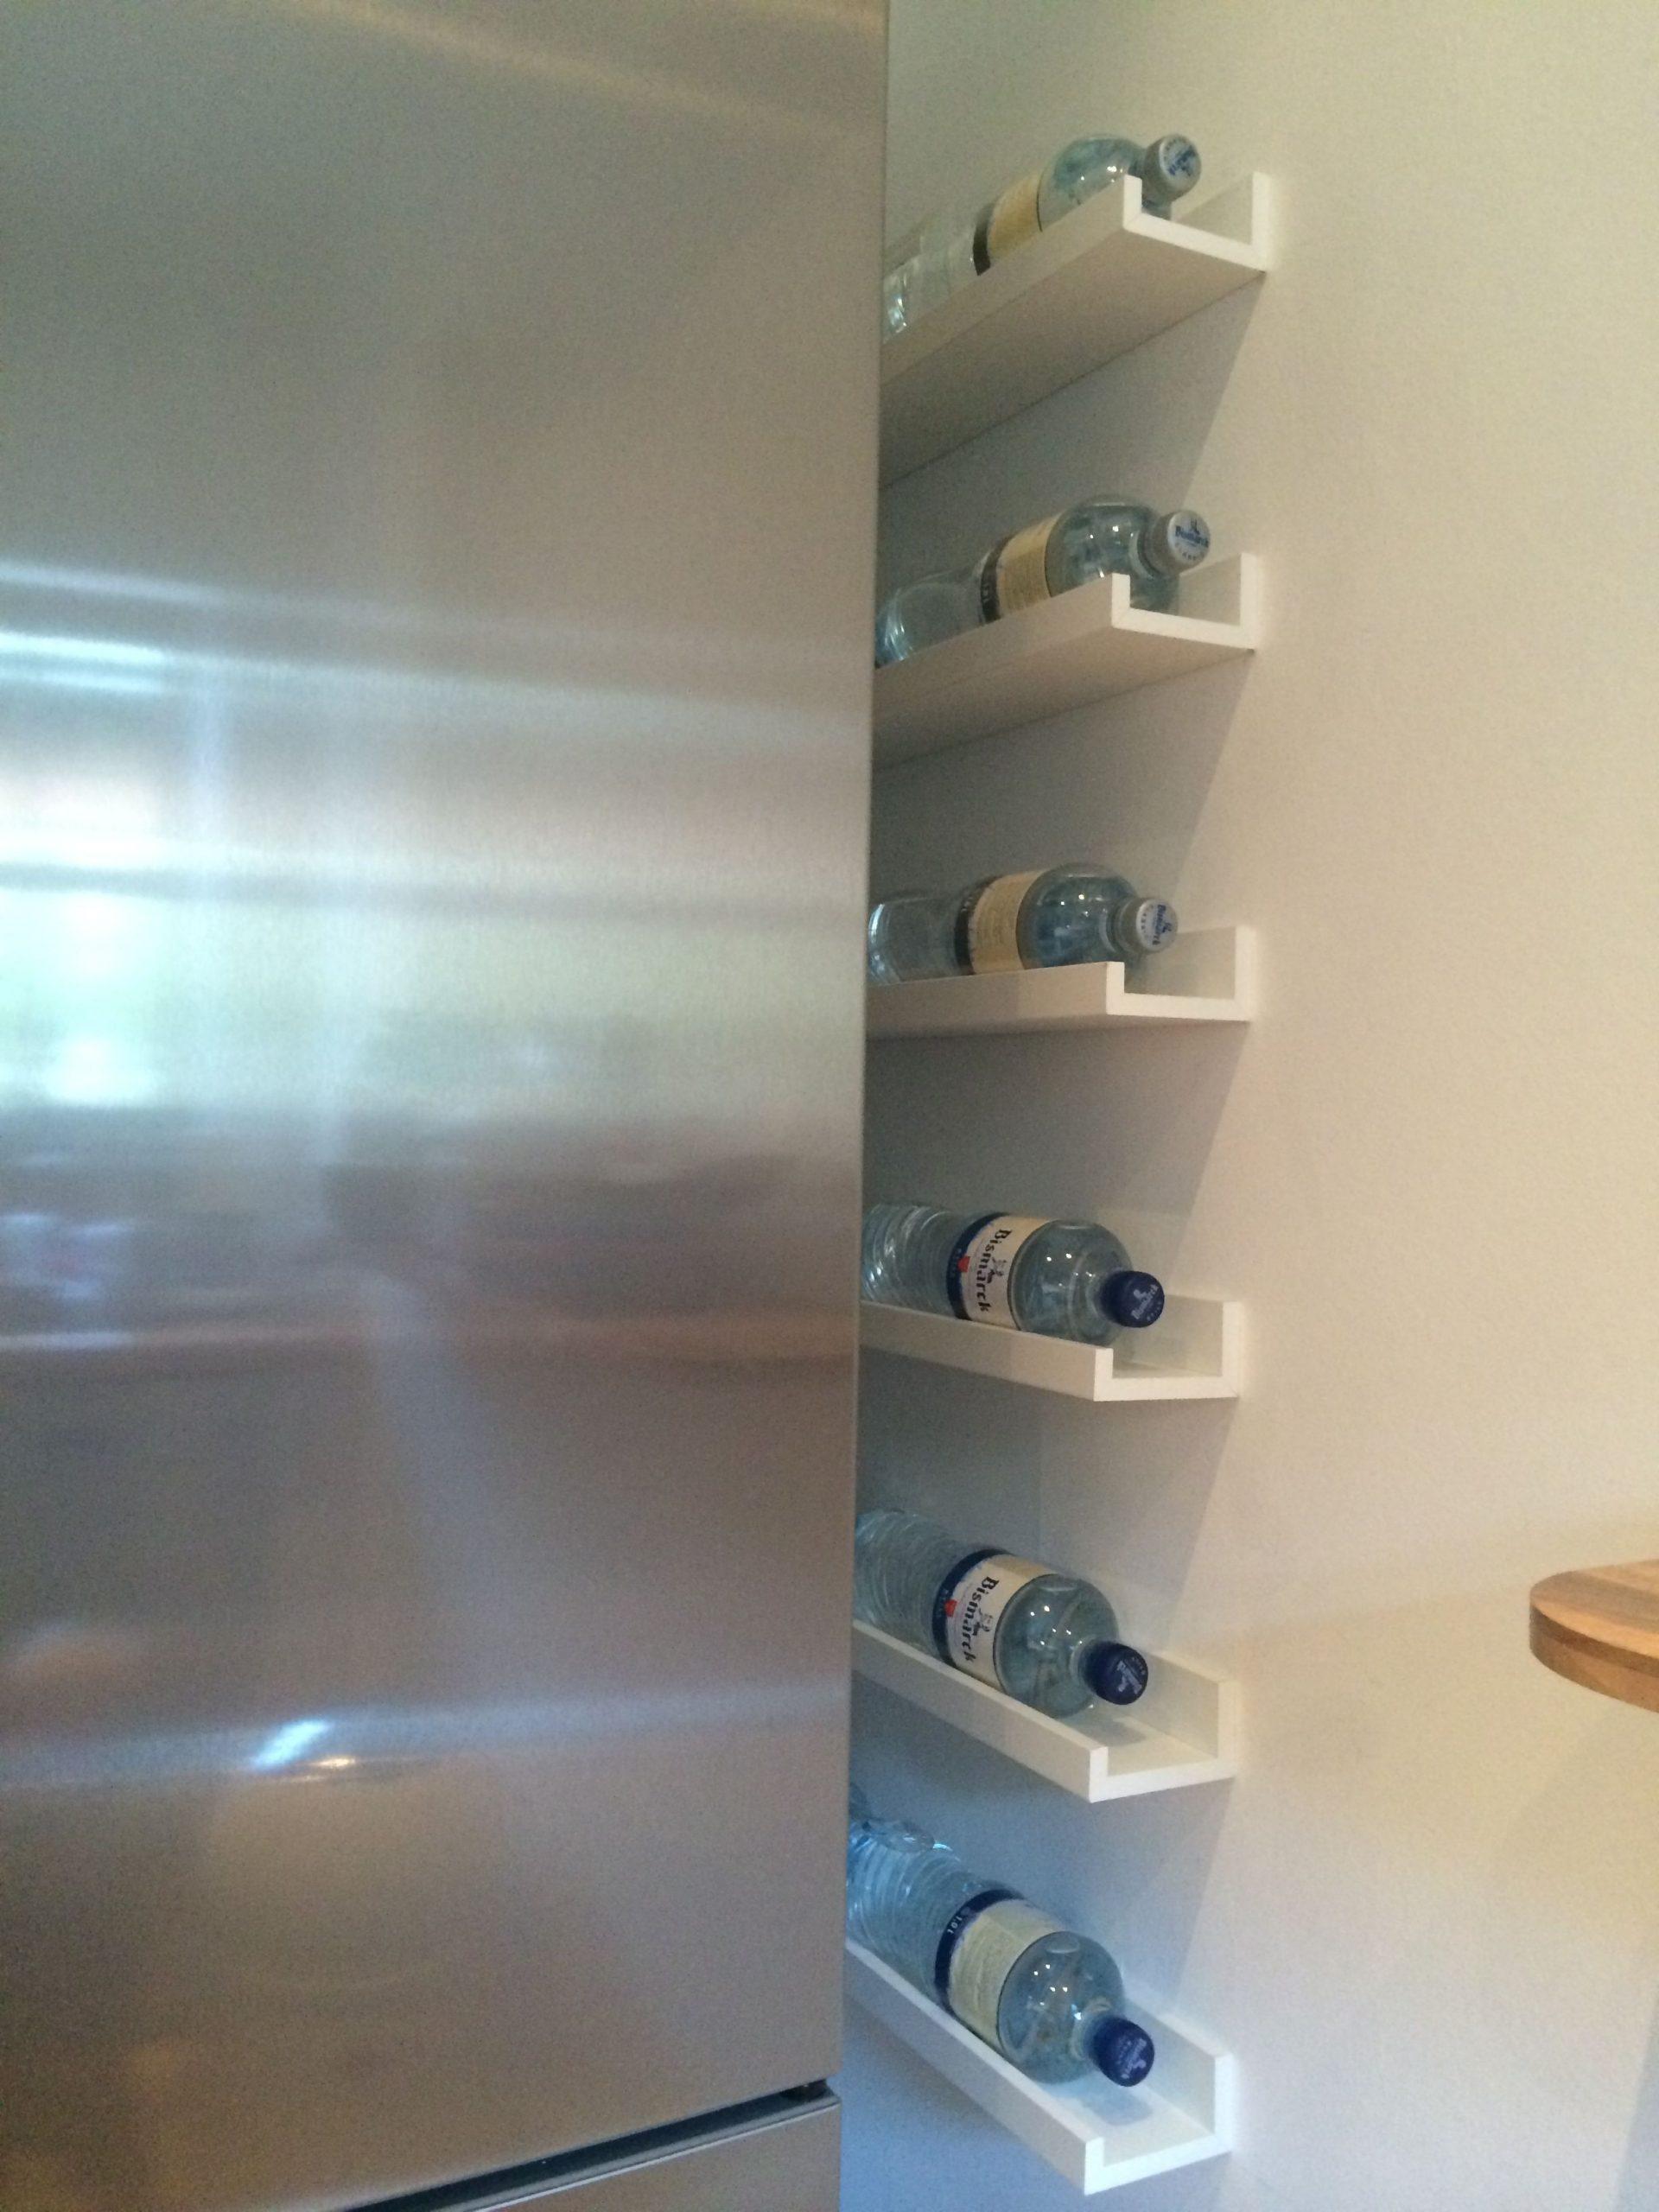 Full Size of Flaschenregal Ikea Kche Bild Leiste Wandtatoo Küche Landhausküche Gebraucht Nobilia Deko Für Kaufen Müllschrank Was Kostet Eine Gewinnen Beistelltisch Wohnzimmer Ikea Wandregal Küche